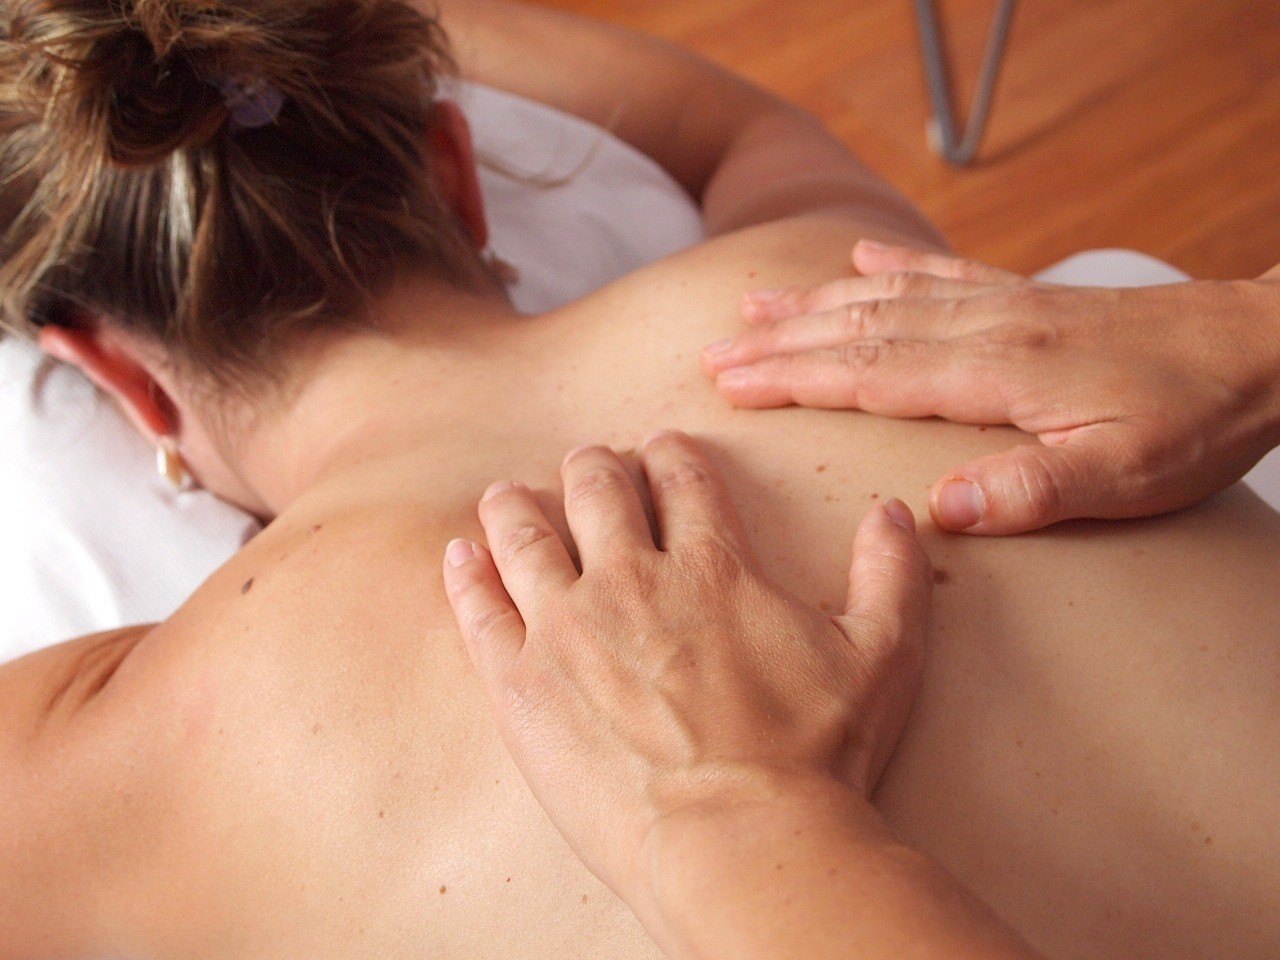 Dárkový poukaz na masáž dle vlastního výběru v hodnotě 500 Kč